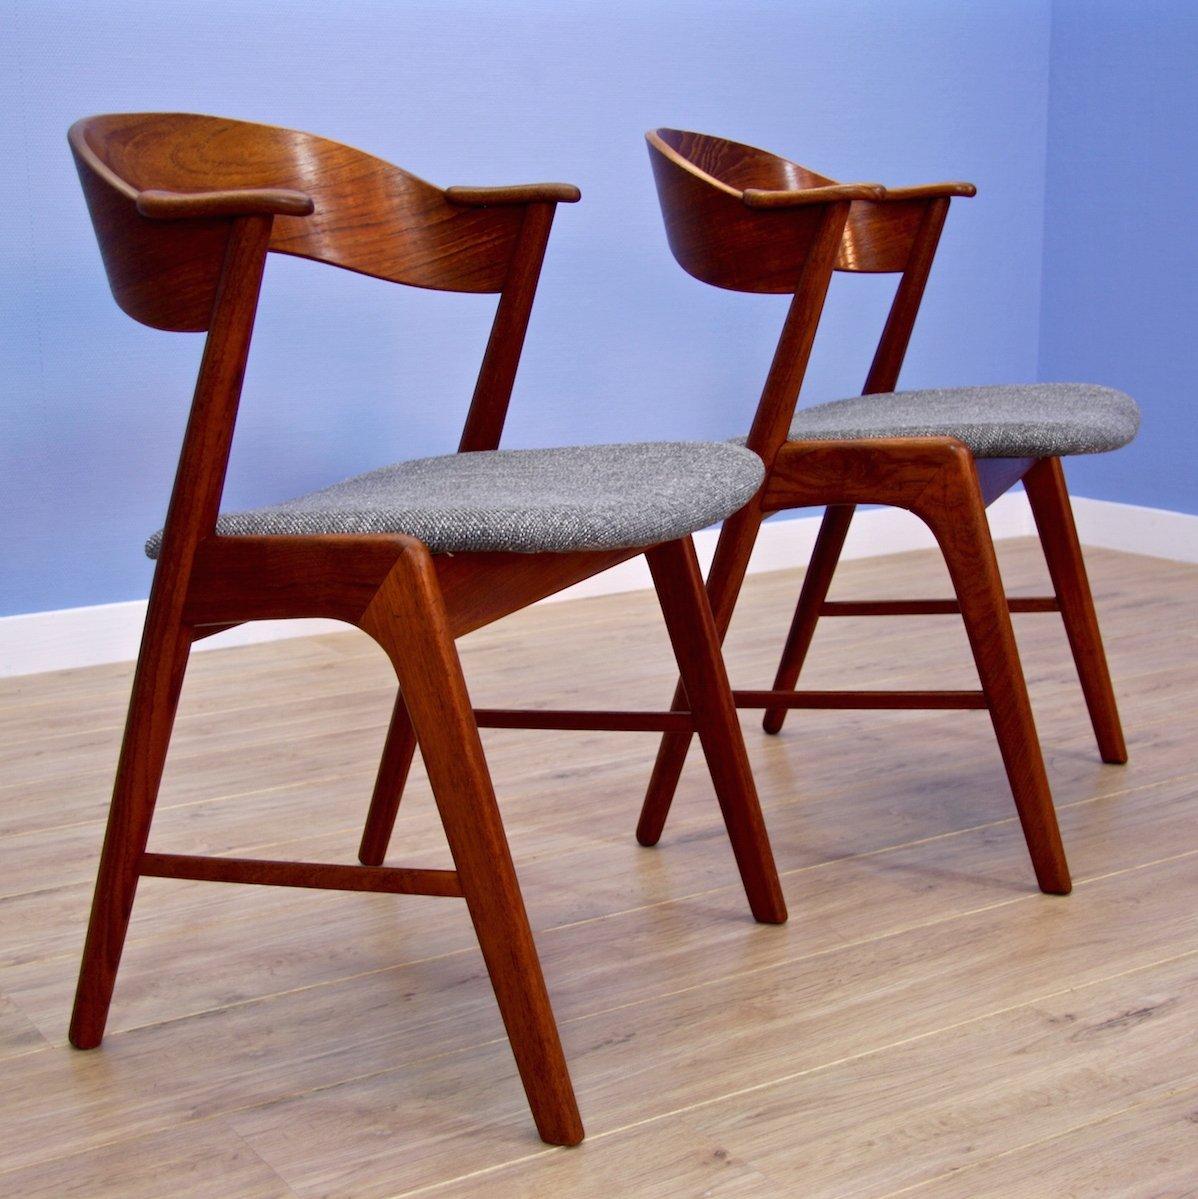 Pair of dinner chairs by Kai Kristiansen for Korup